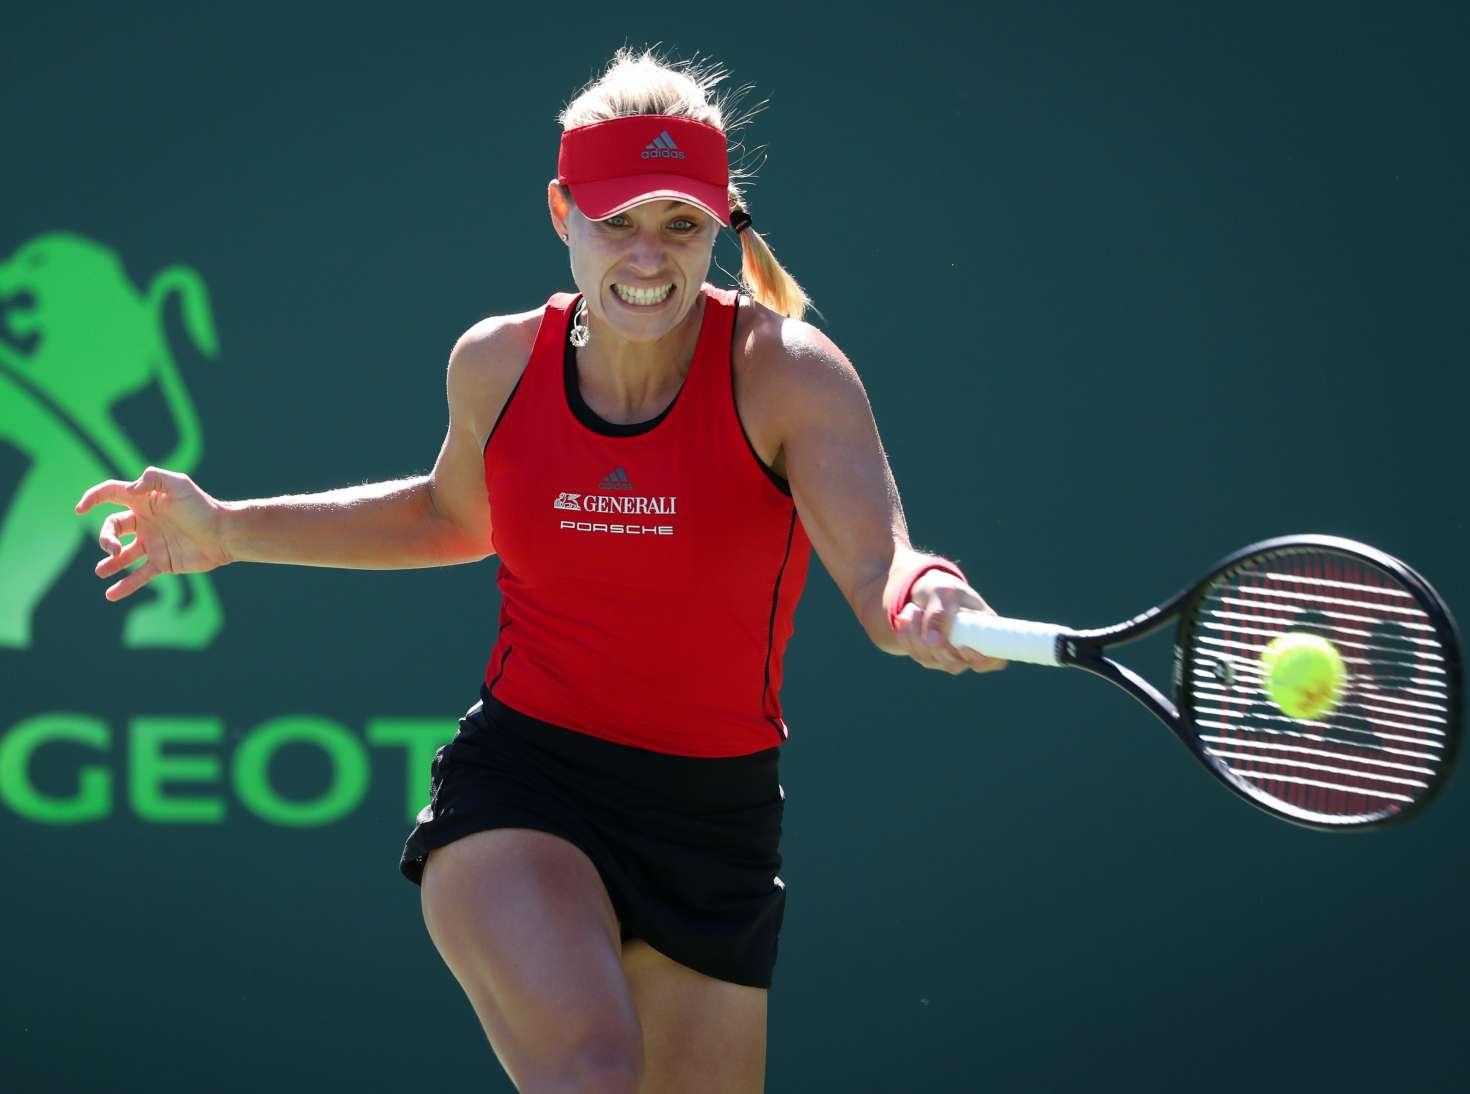 Angelique Kerber 2018 : Angelique Kerber: 2018 Miami Open -02